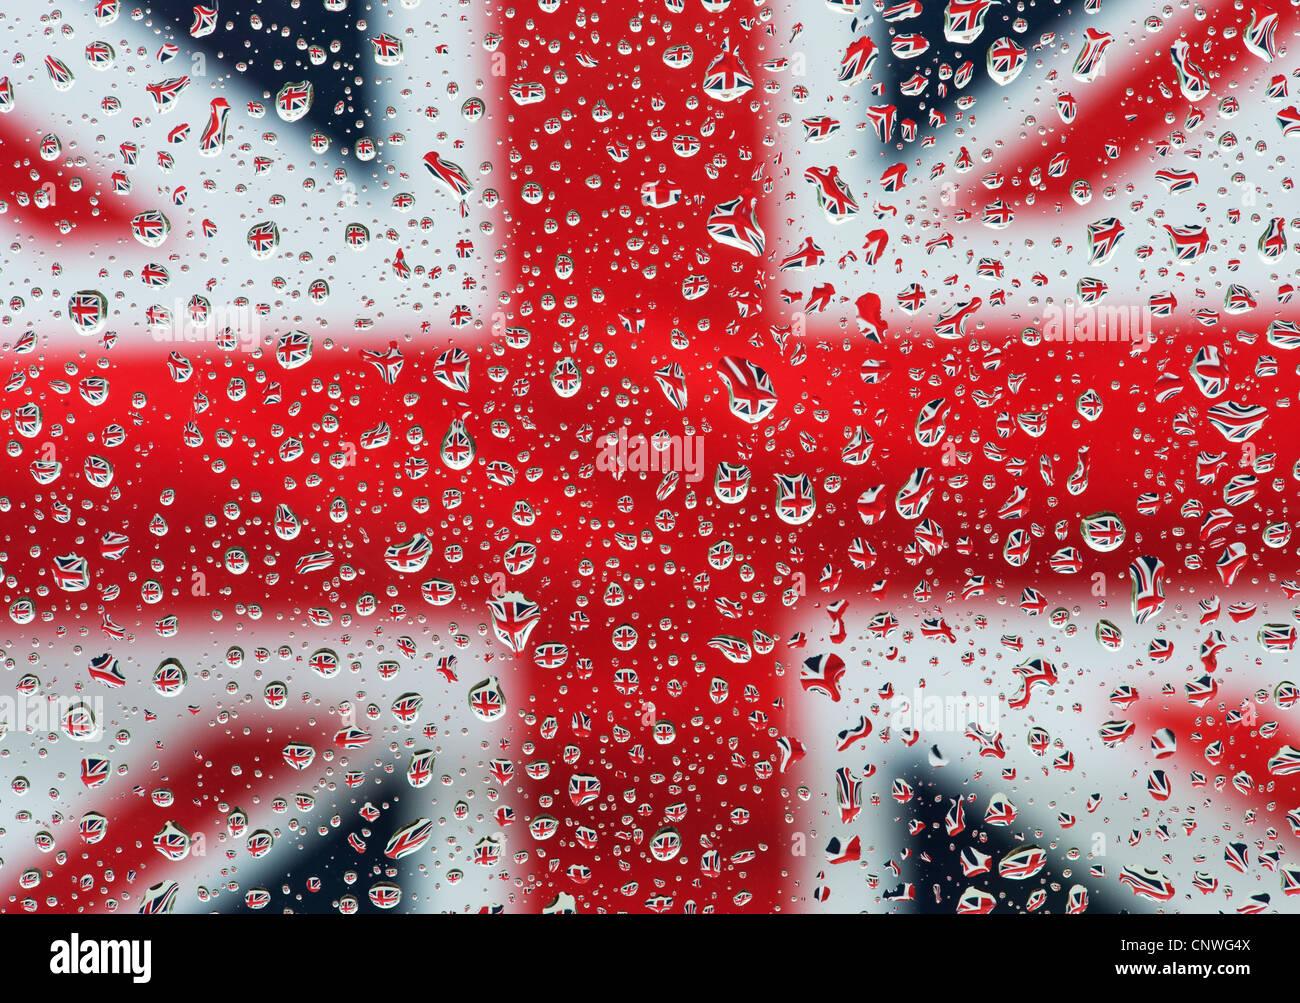 Le gocce di pioggia sul vetro di fronte a un'Unione jack flag Immagini Stock